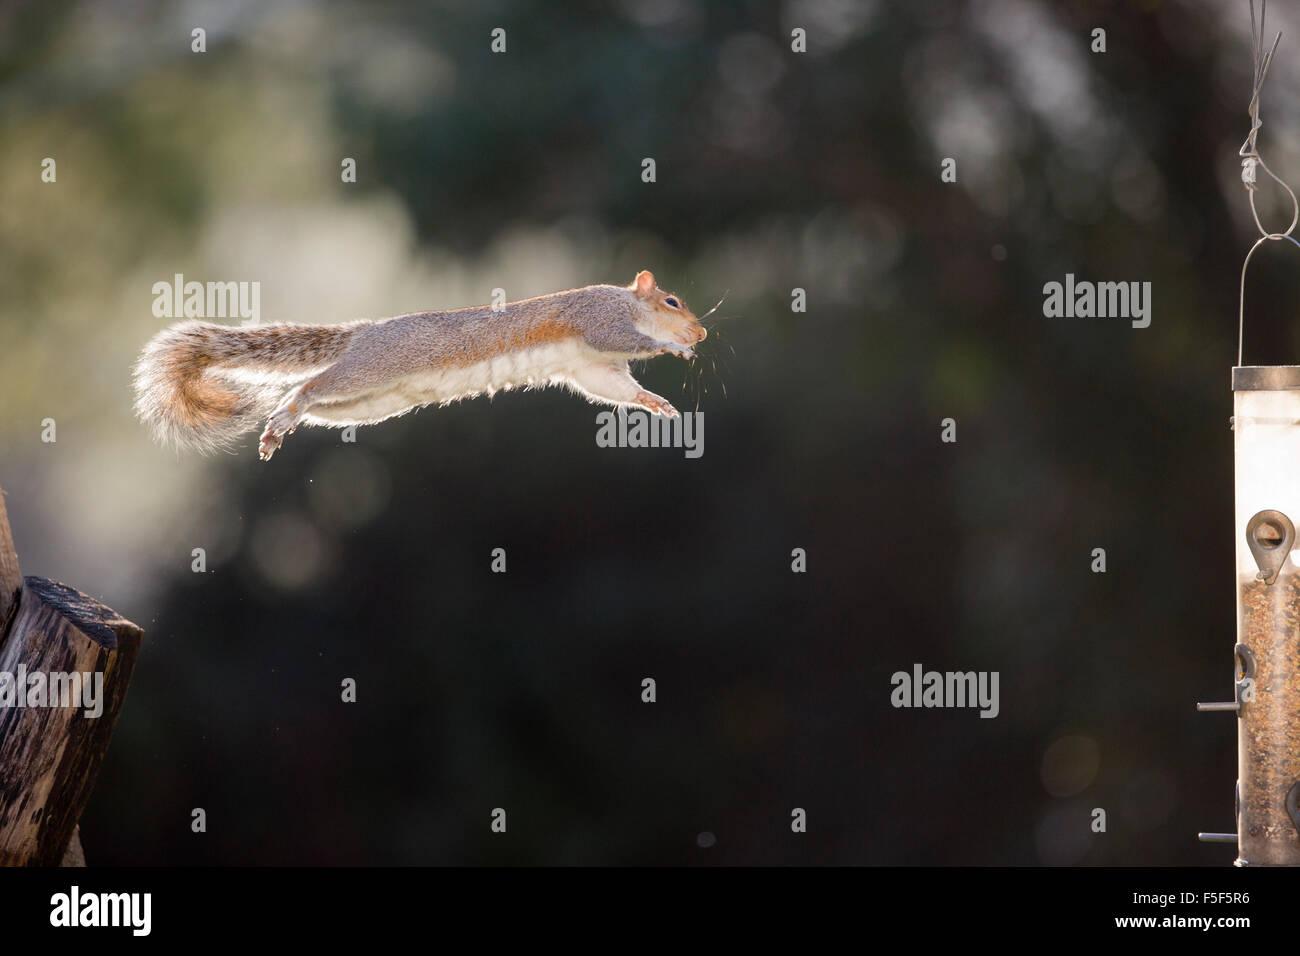 Grey Squirrel; Sciurus carolinensis Single Jumping to Feeder; Cornwall; UK - Stock Image